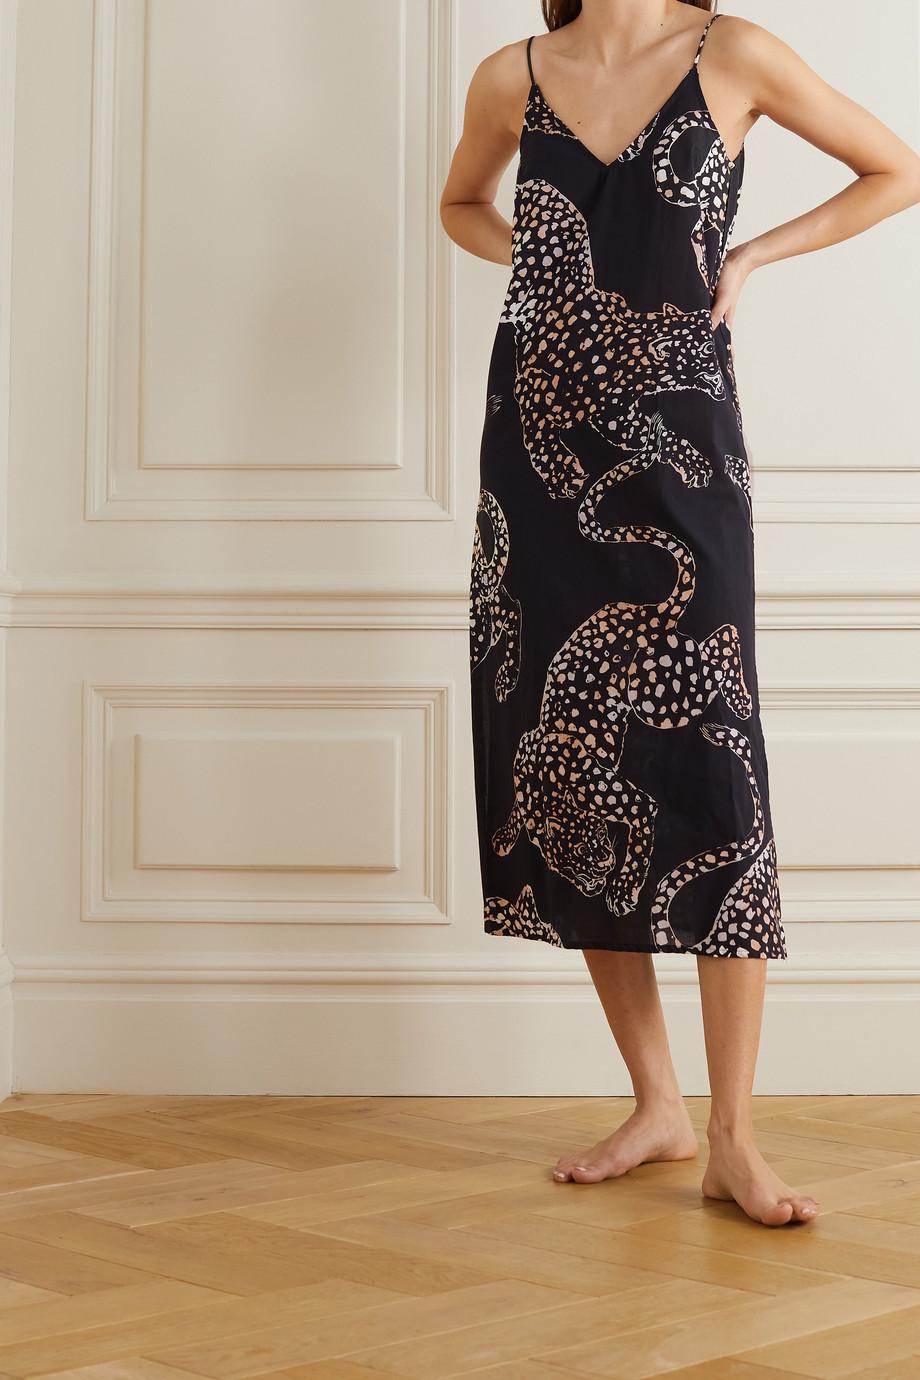 Desmond & Dempsey Jag printed cotton-voile nightdress